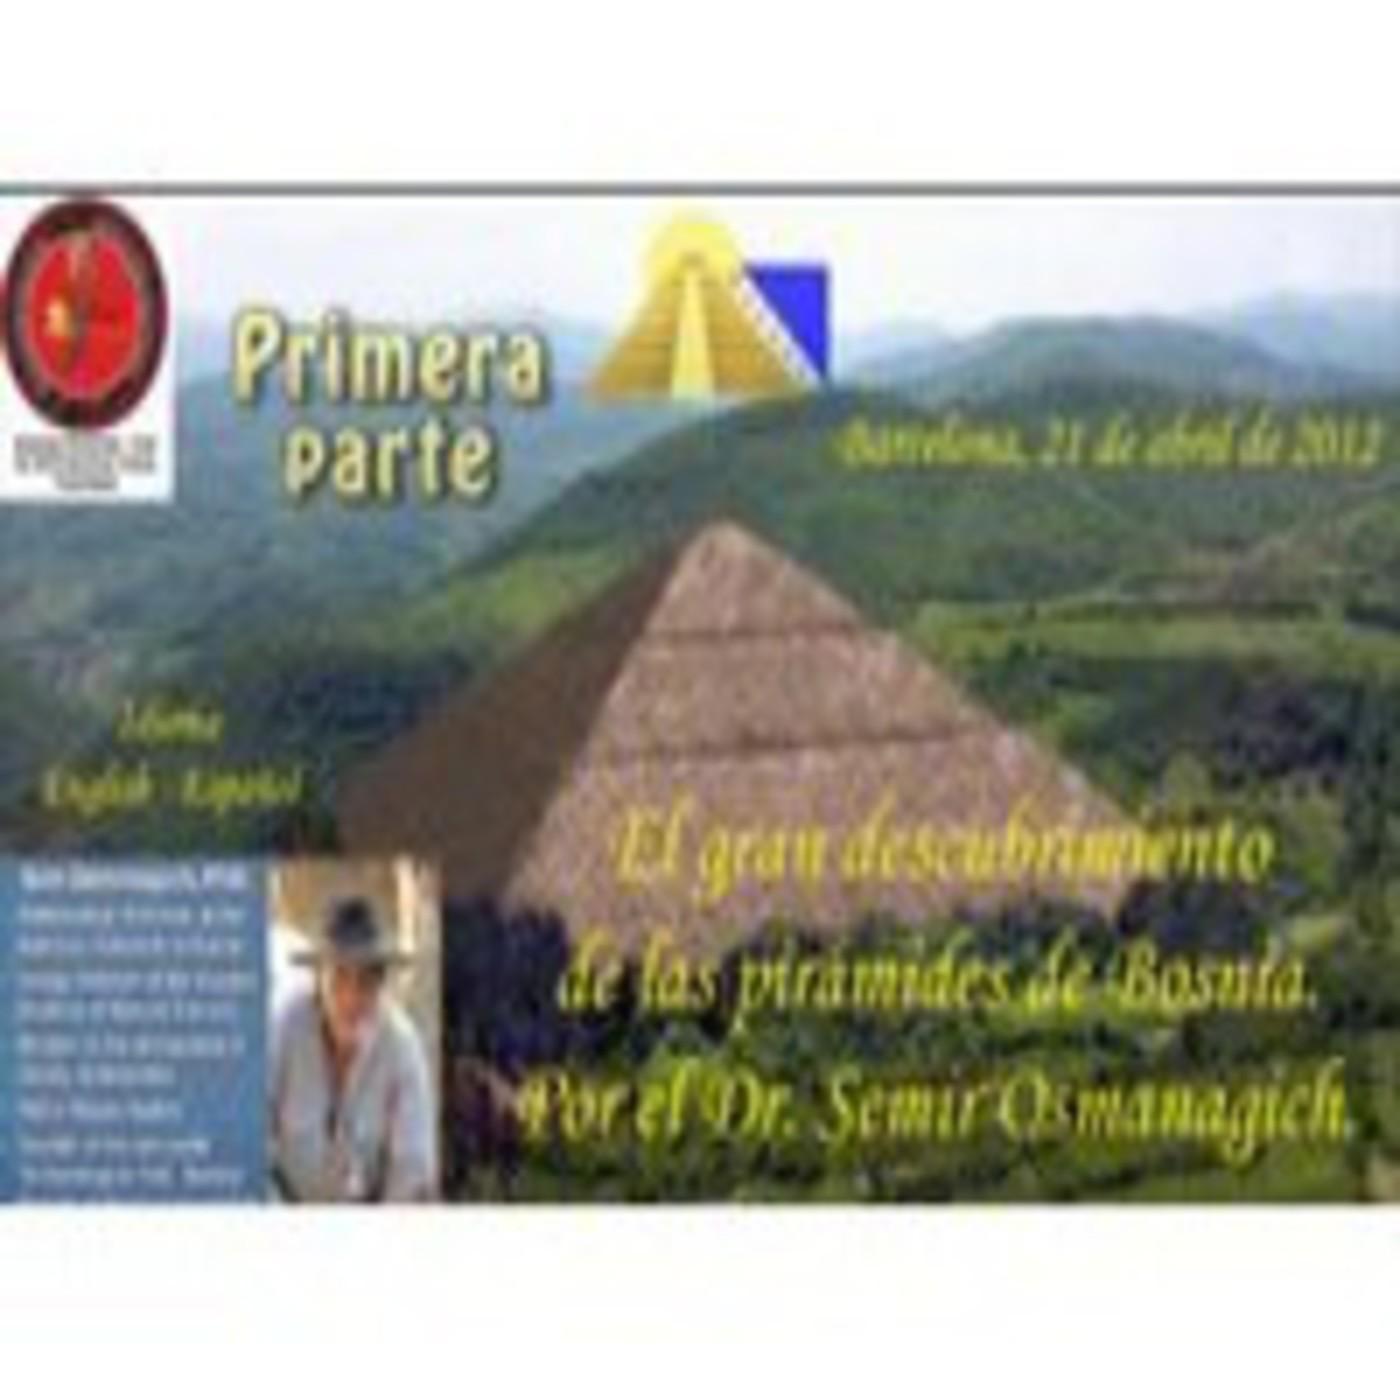 El gran descubrimiento de las pirámides de Bosnia - 1ª parte en La ...